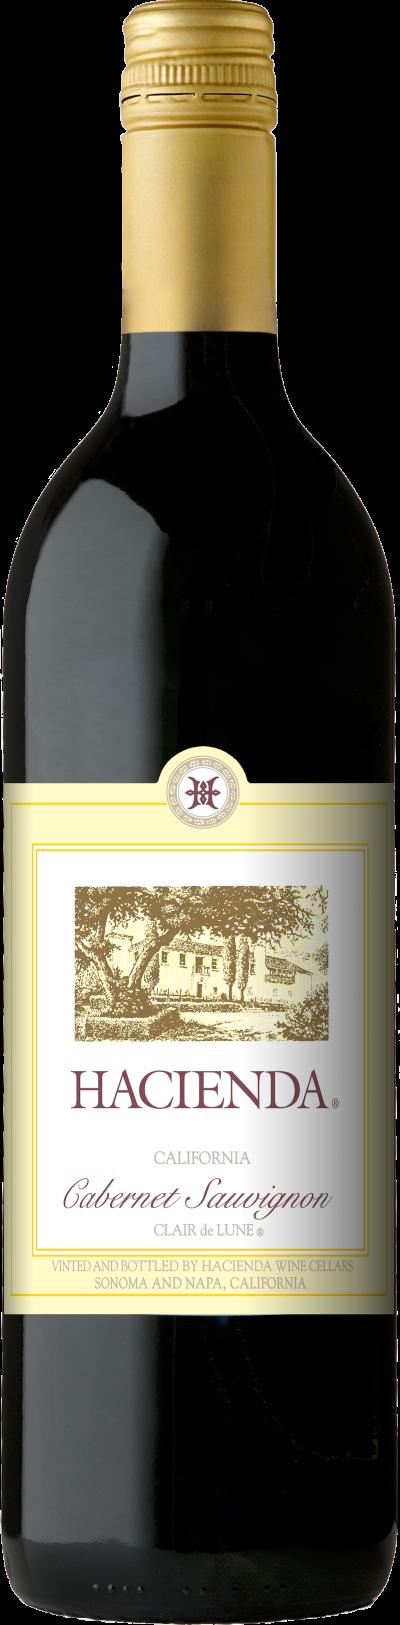 Hacienda - Cabernet Sauvignon